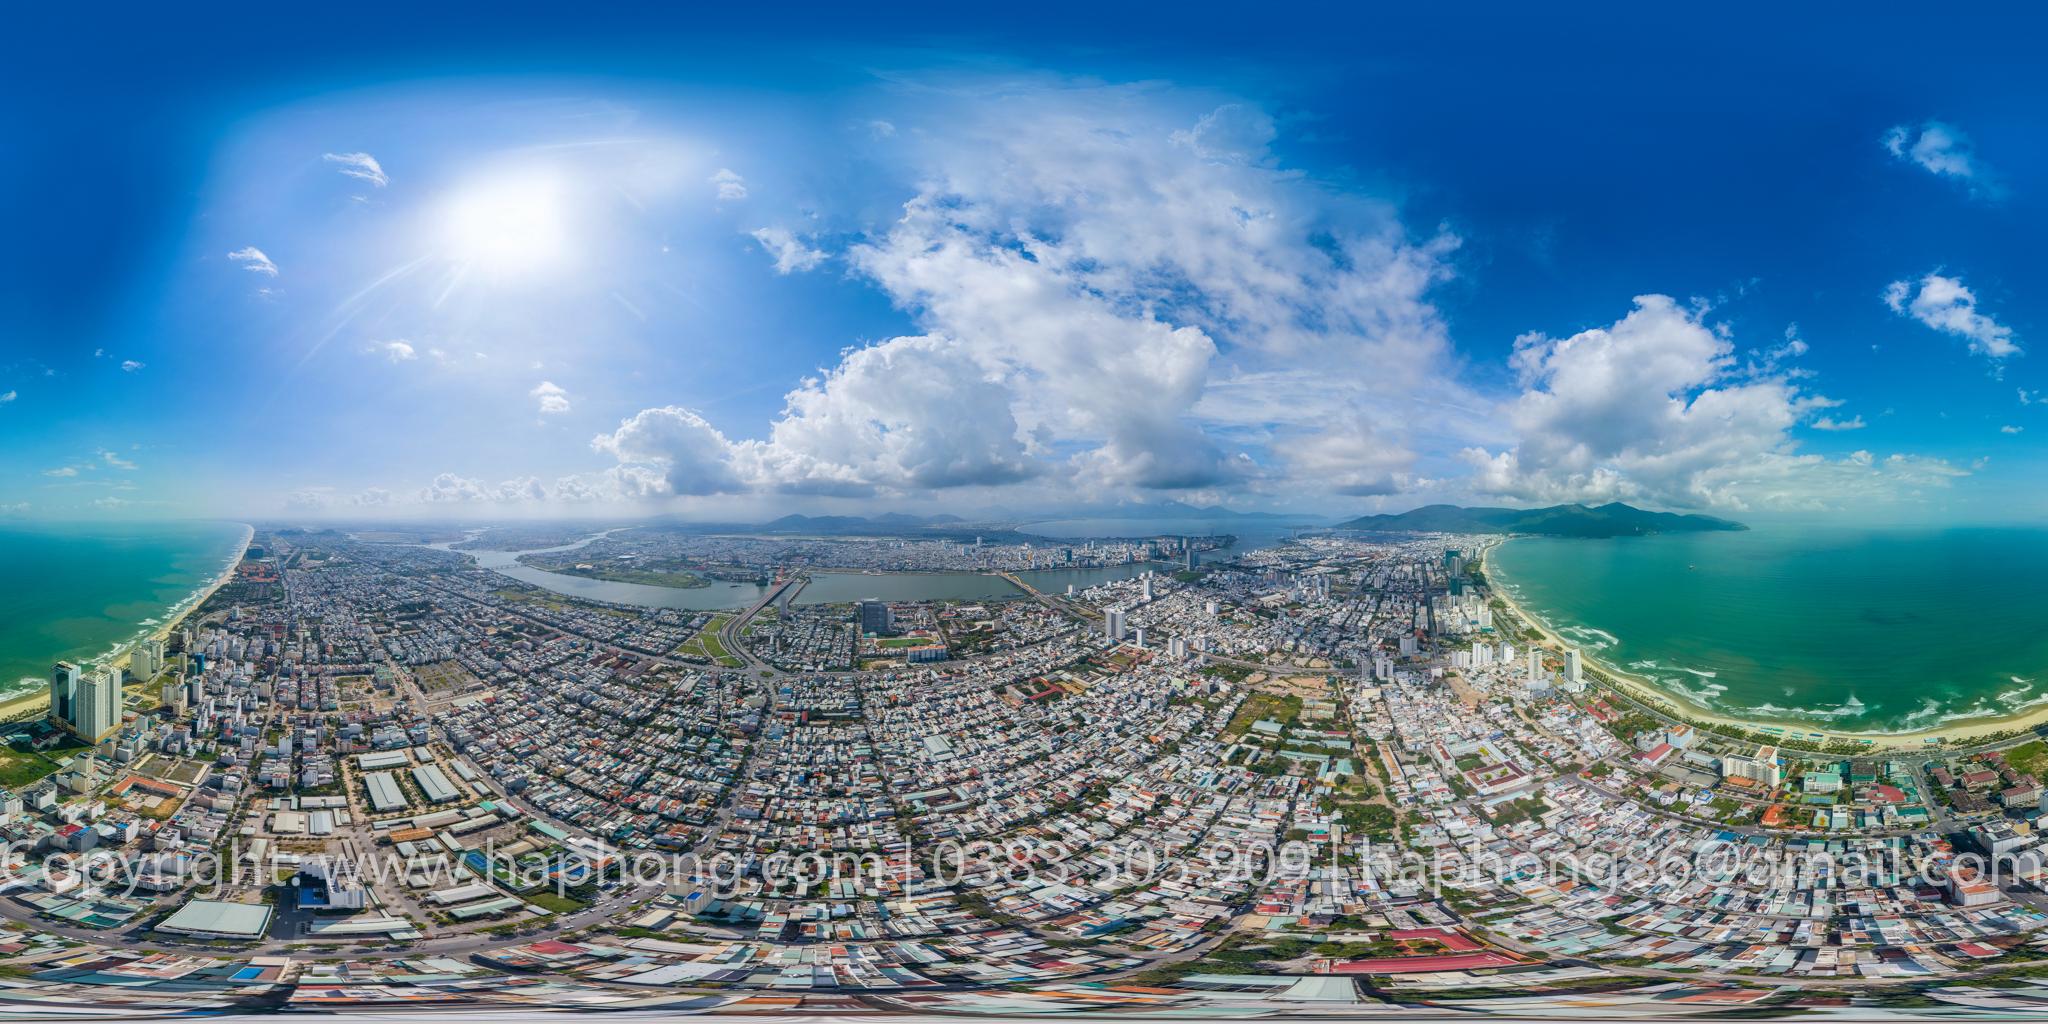 CHỤP ẢNH 360, 360 VIRTUAL TOURS, GOOGLE BUSINESS VIEW: Nguyễn Văn Thoại, Đà Nẵng